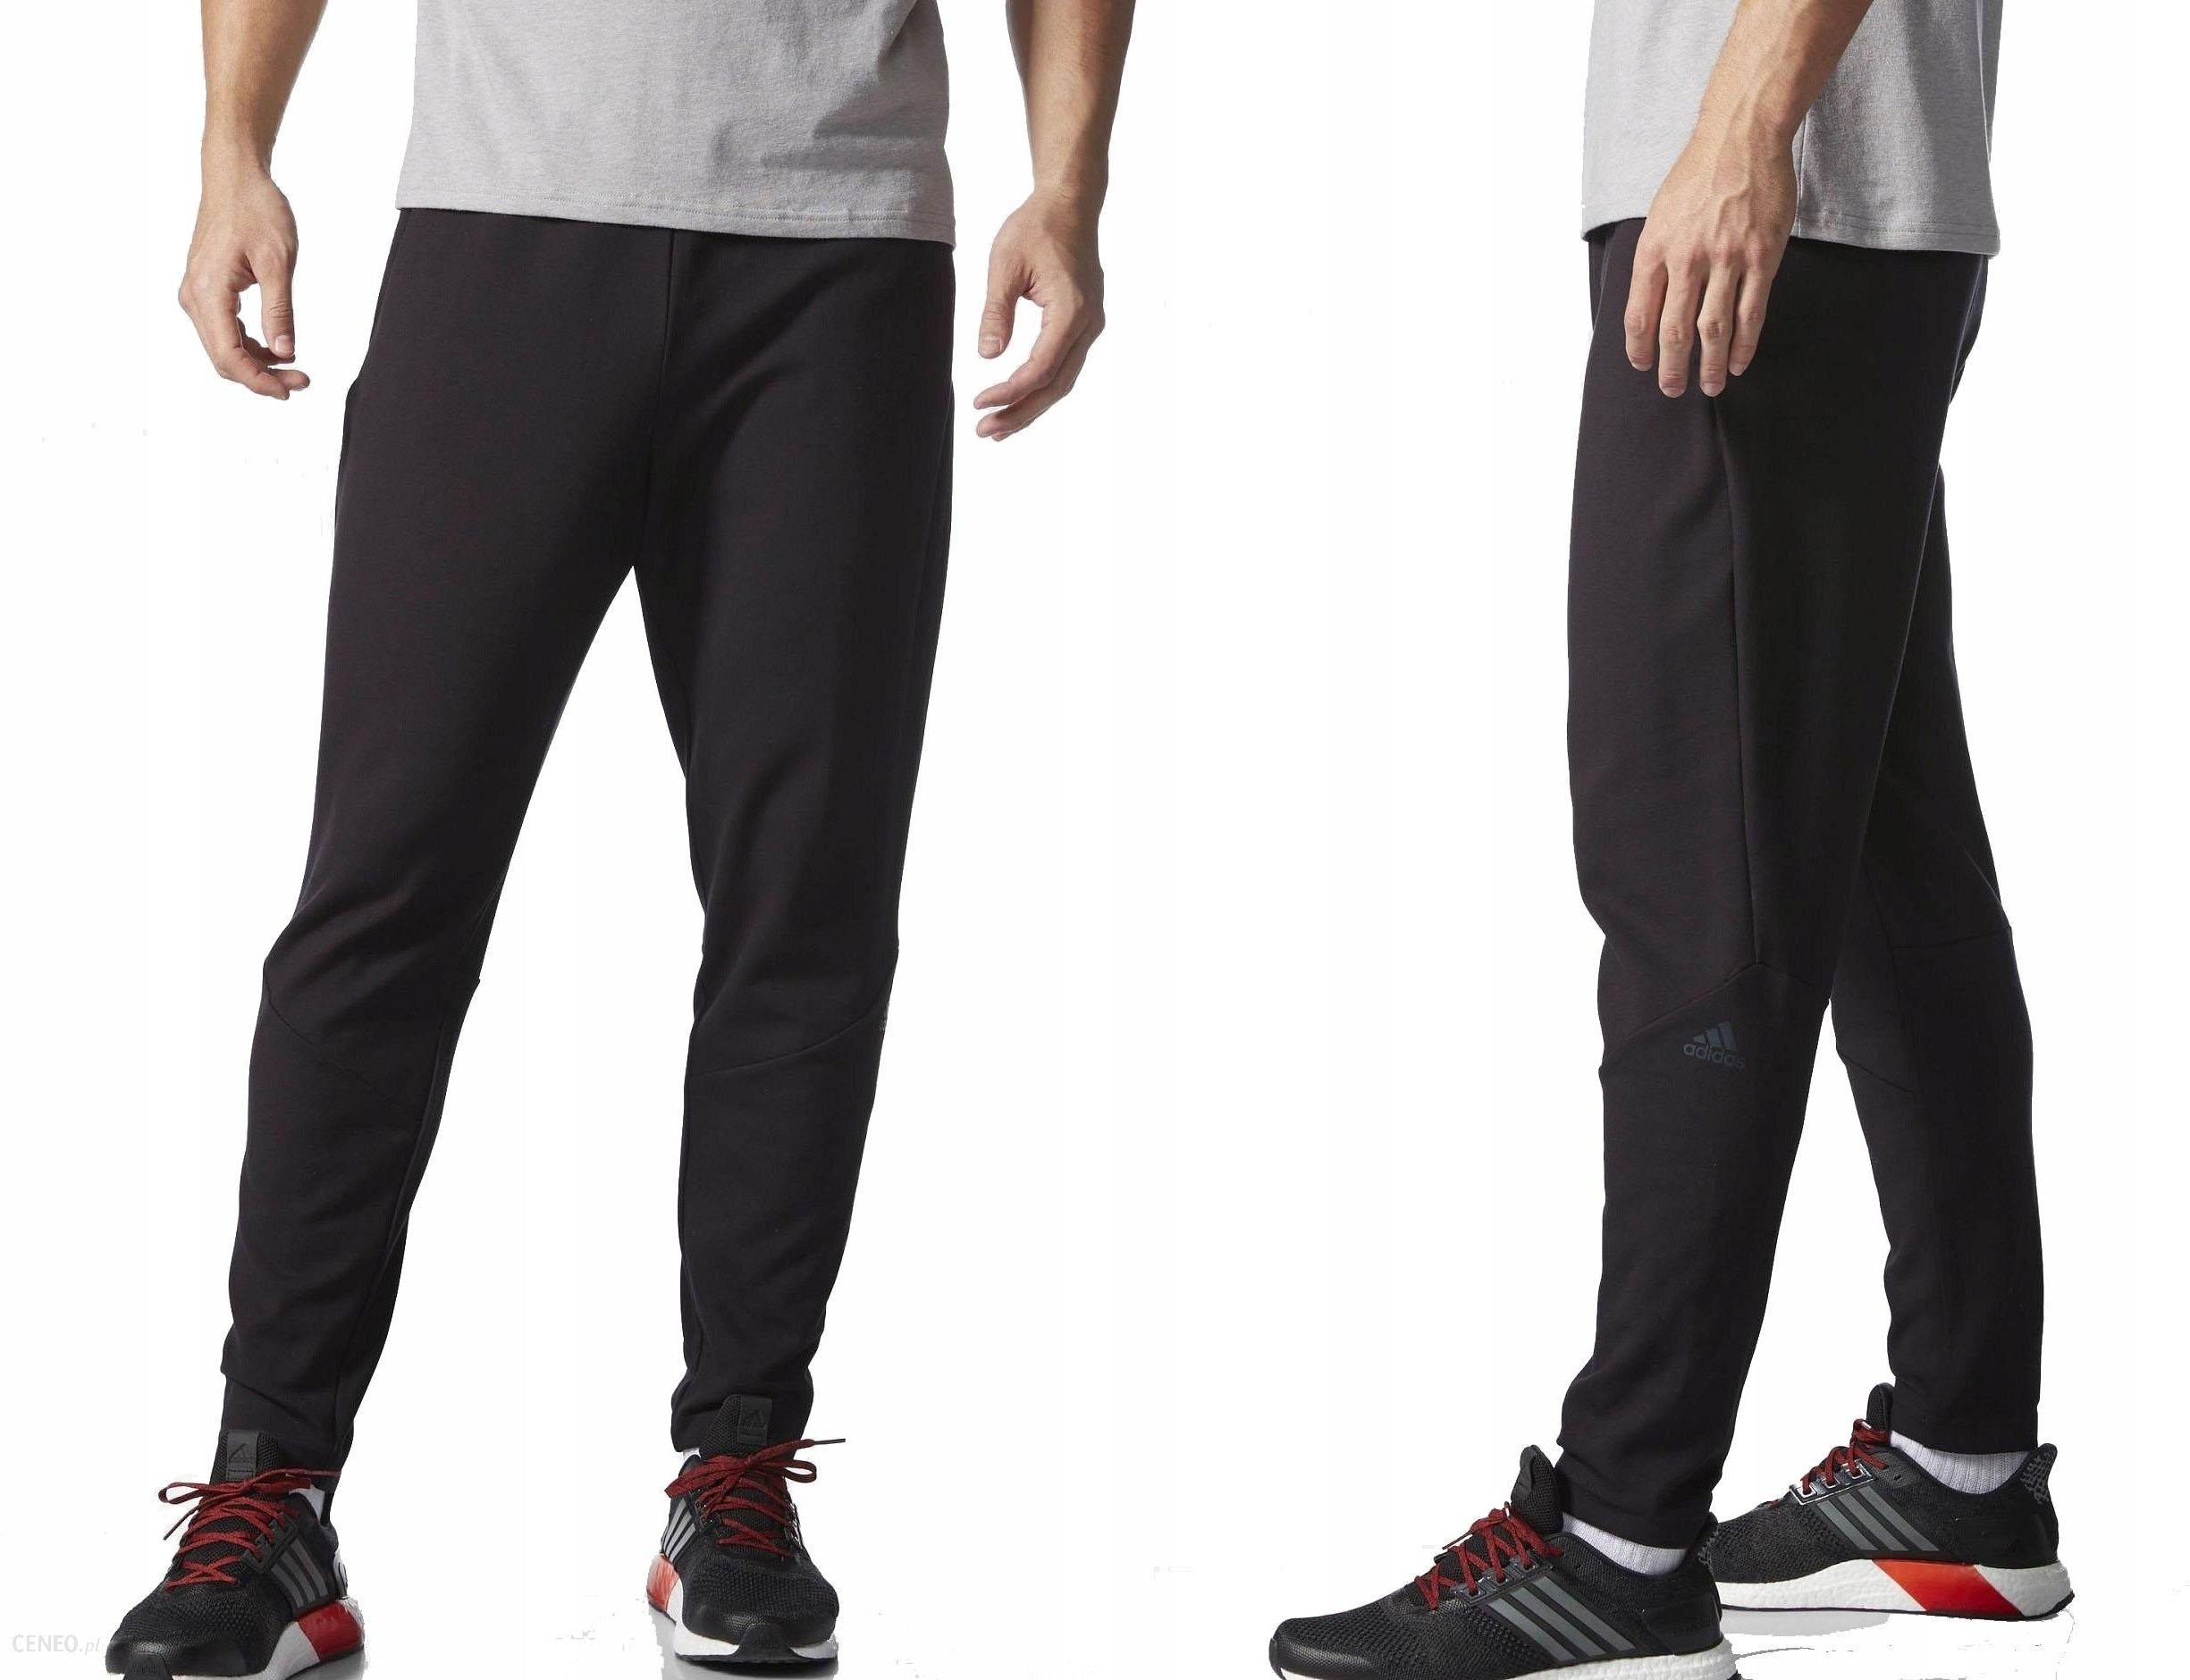 807bd1b3f Adidas Spodnie Z.n.e Pant (M) Męskie - Ceny i opinie - Ceneo.pl